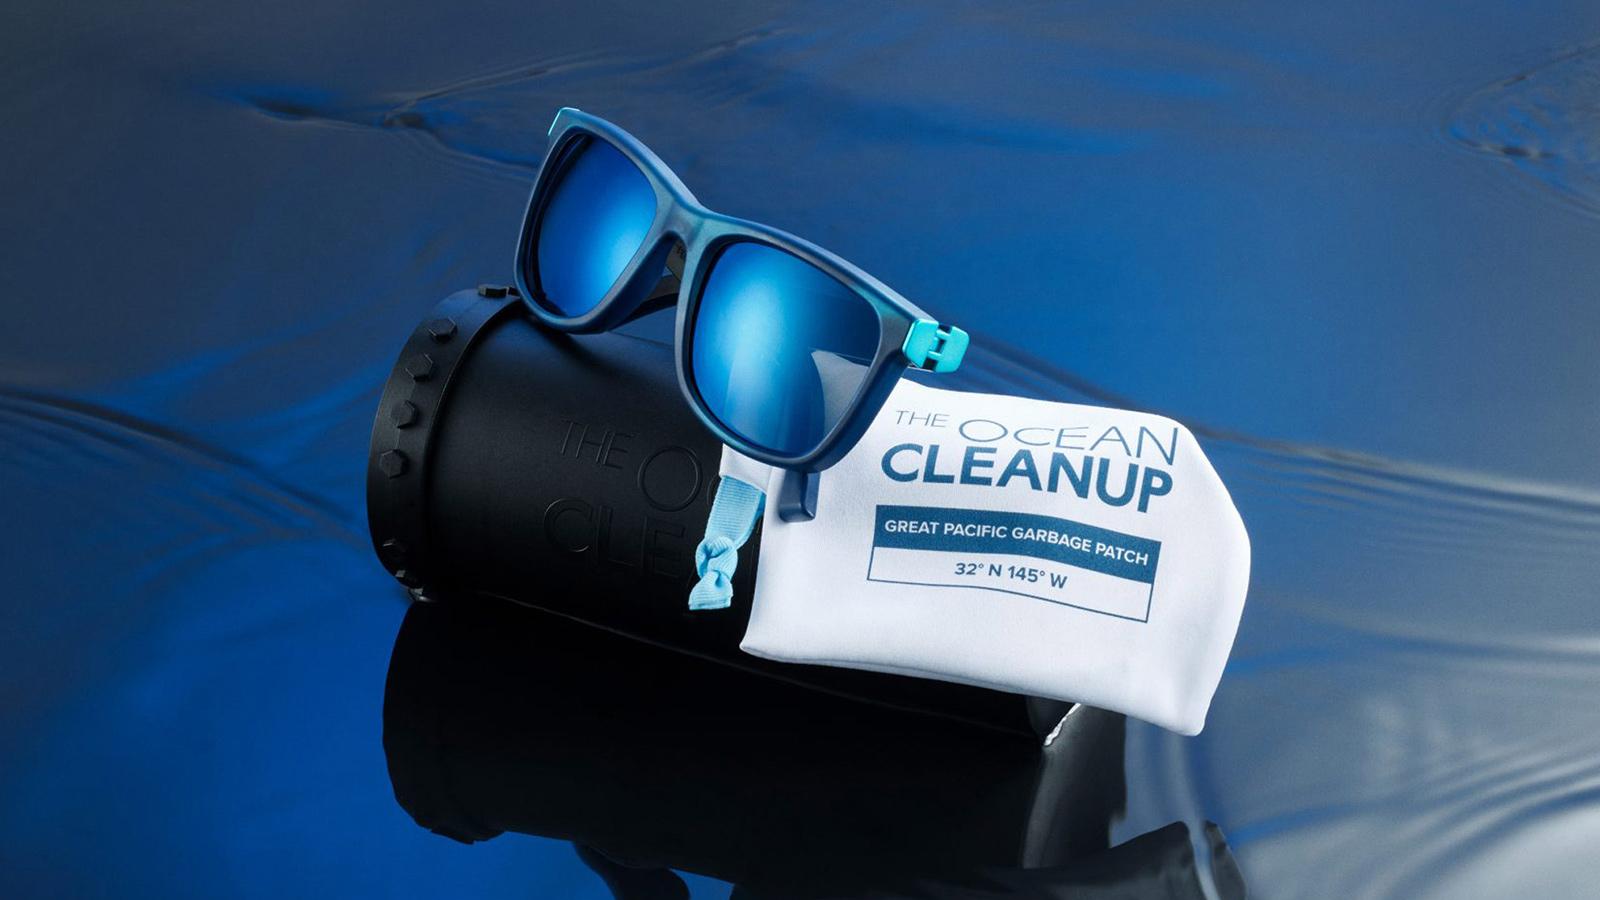 Yves Béhar Ocean Cleanup Sunglasses